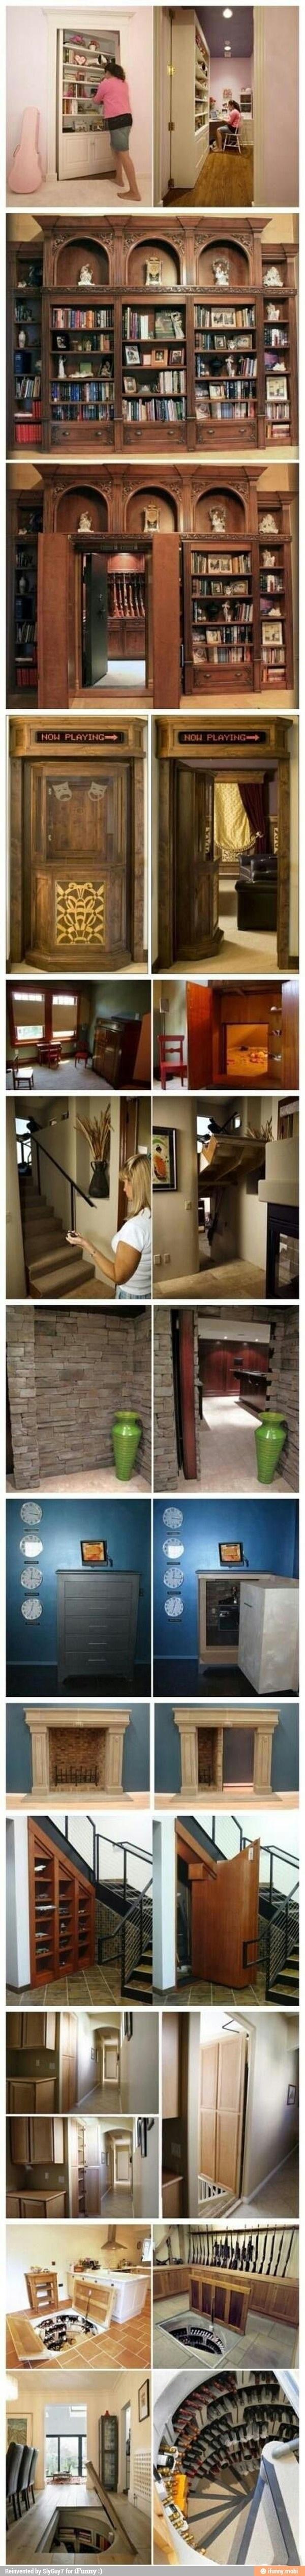 Preciso de uma passagem secreta dessas aqui em casa!